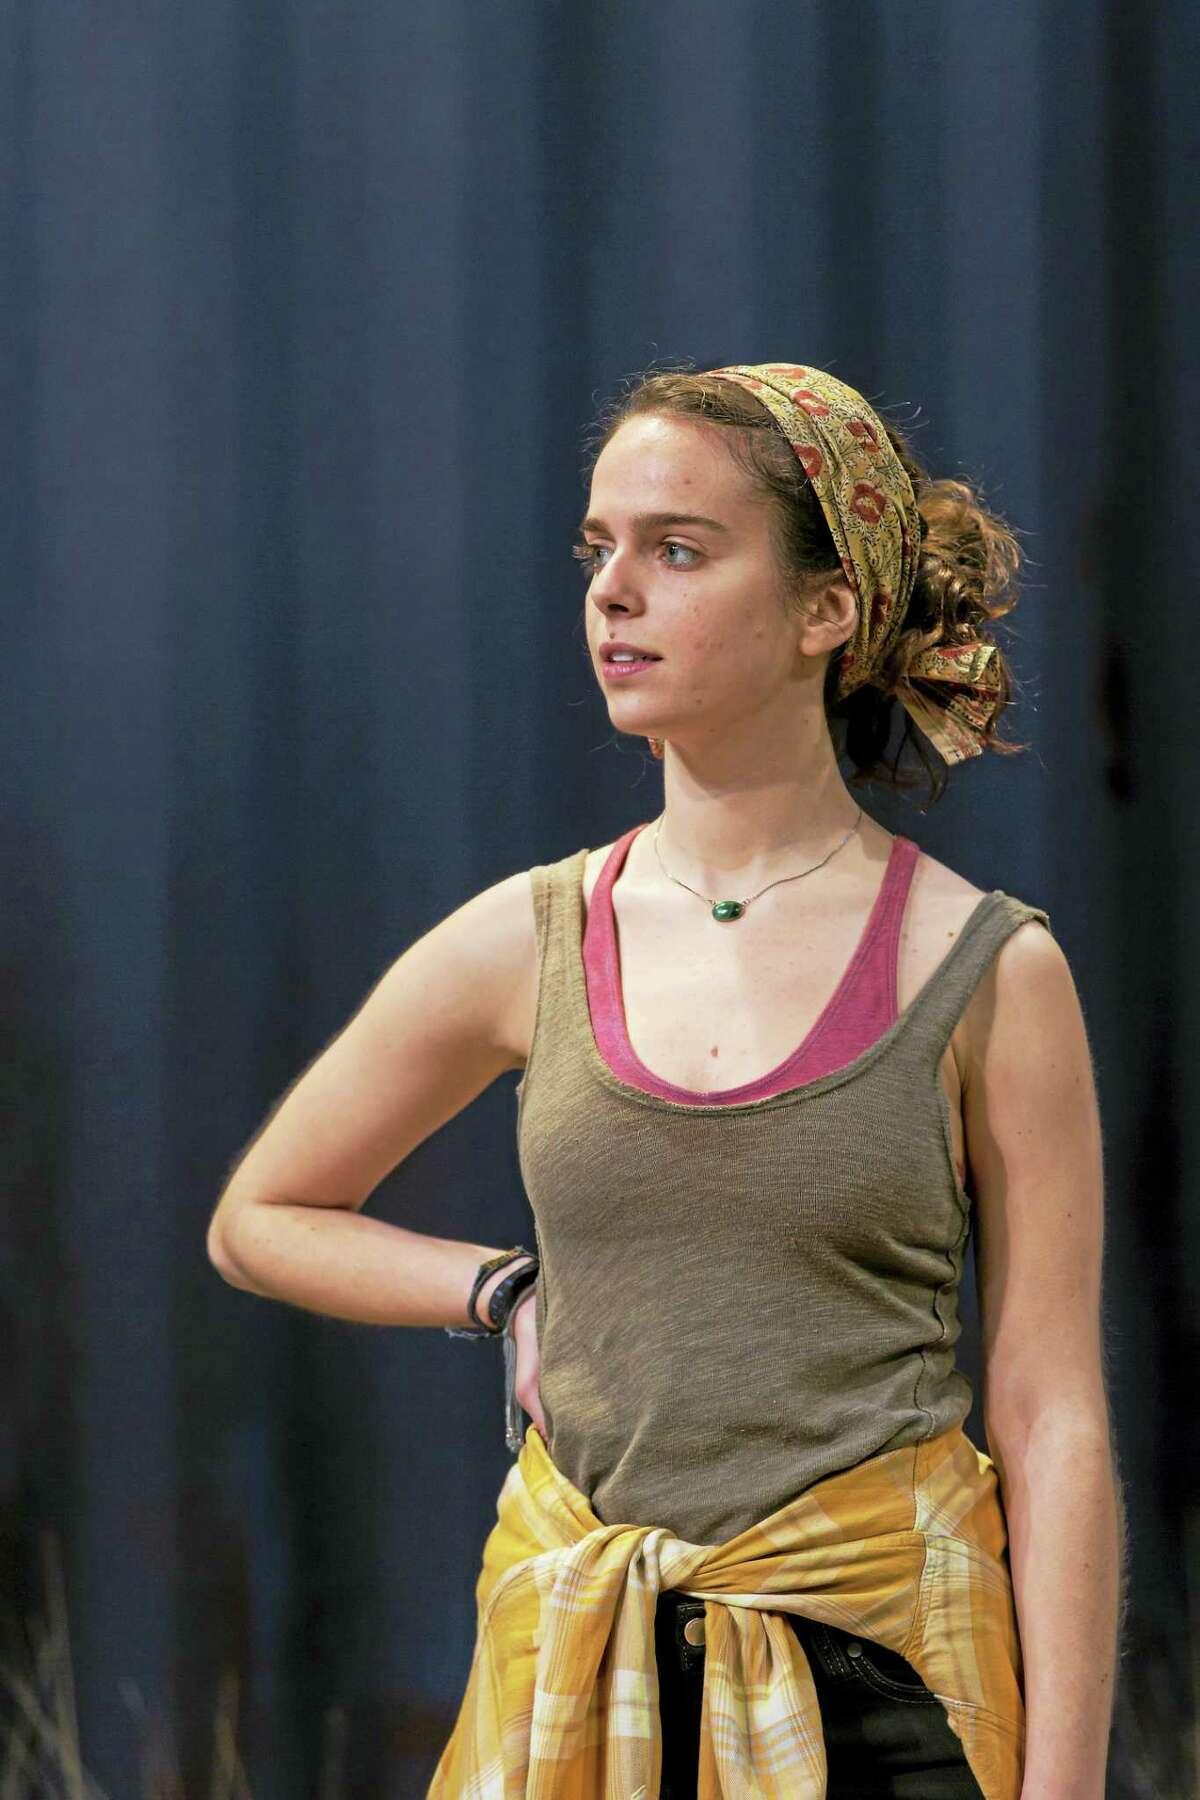 Arielle Goldman as Marnie.